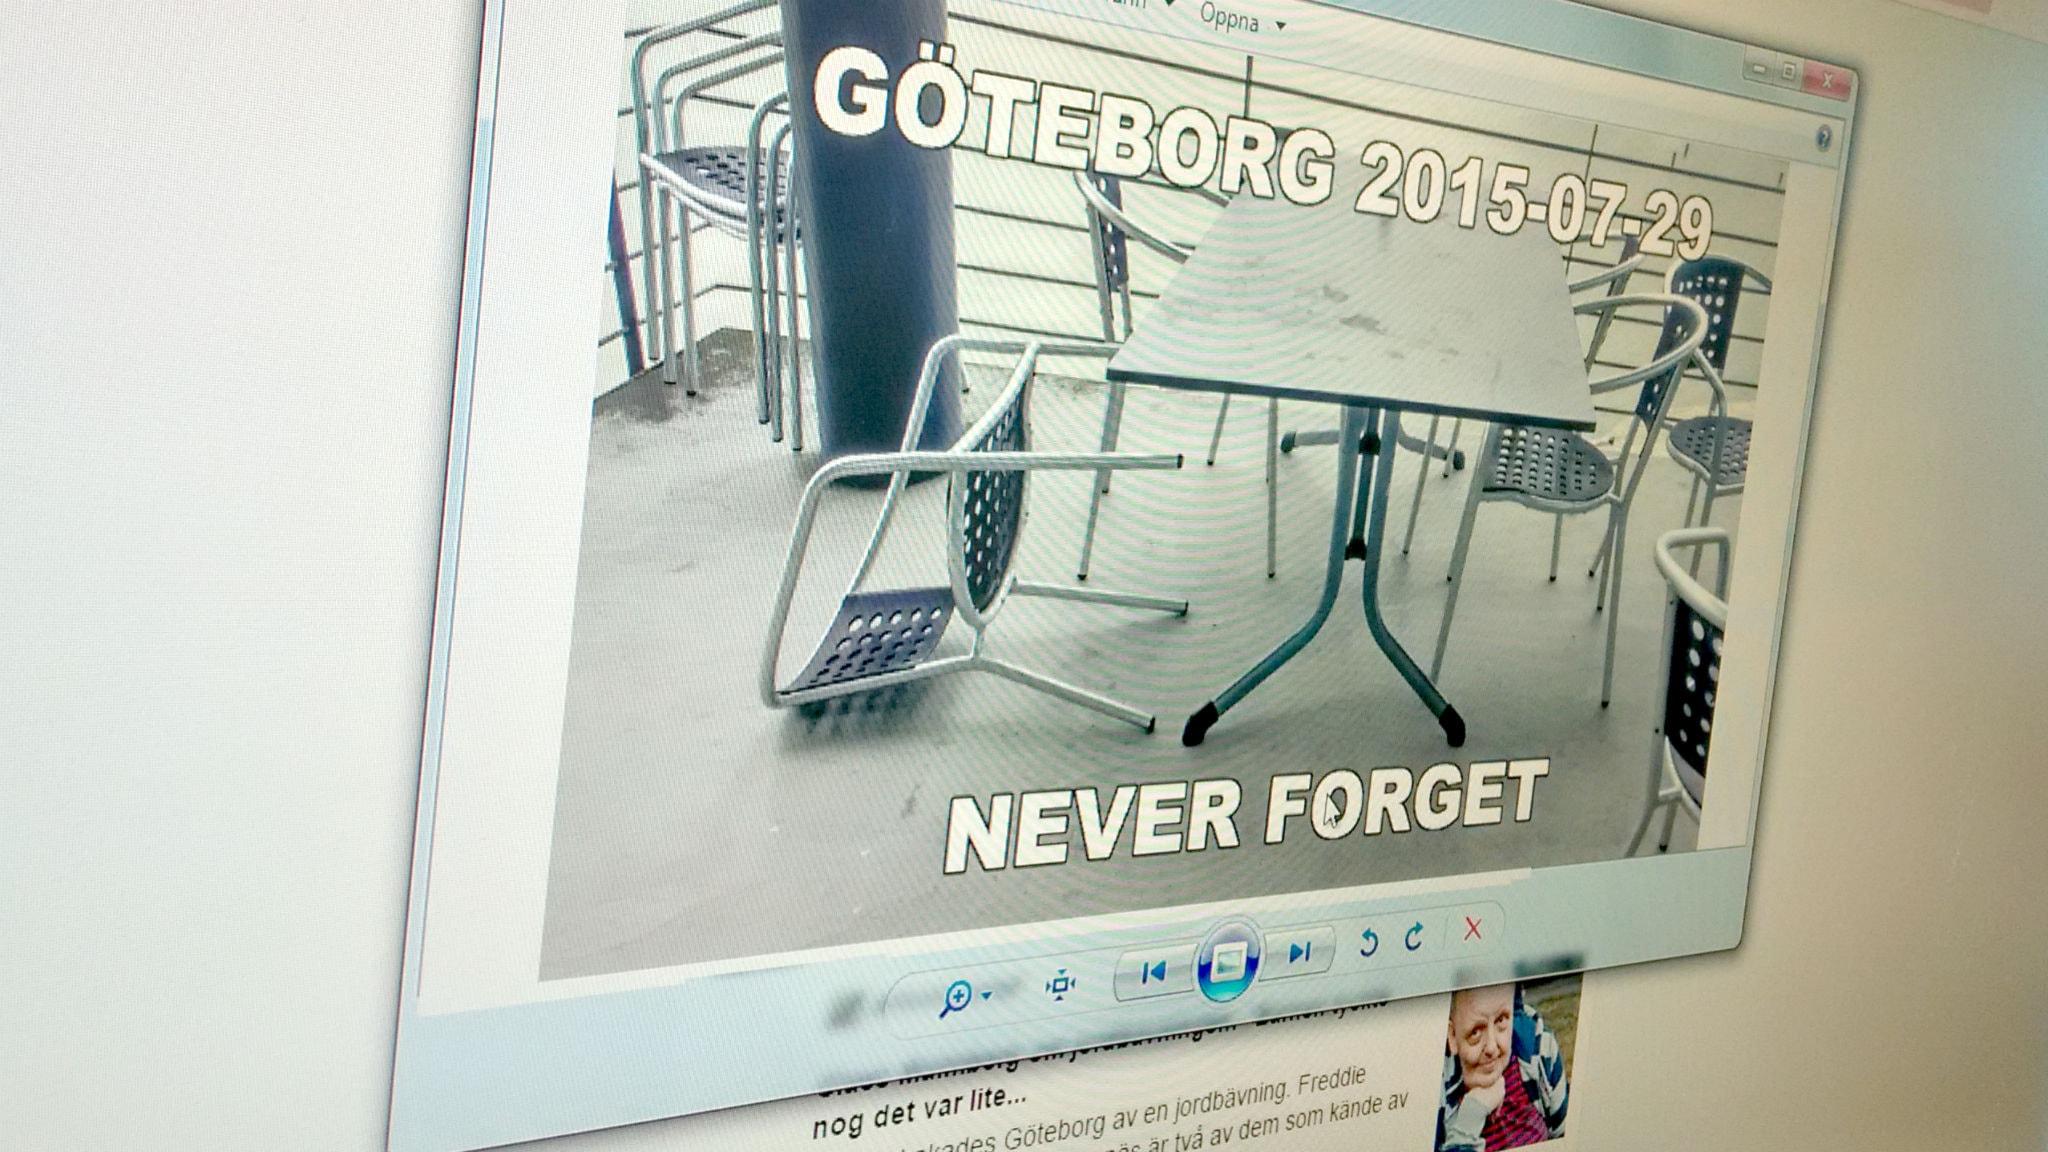 Internet fylldes av skämt om jordbävningen i Göteborg.